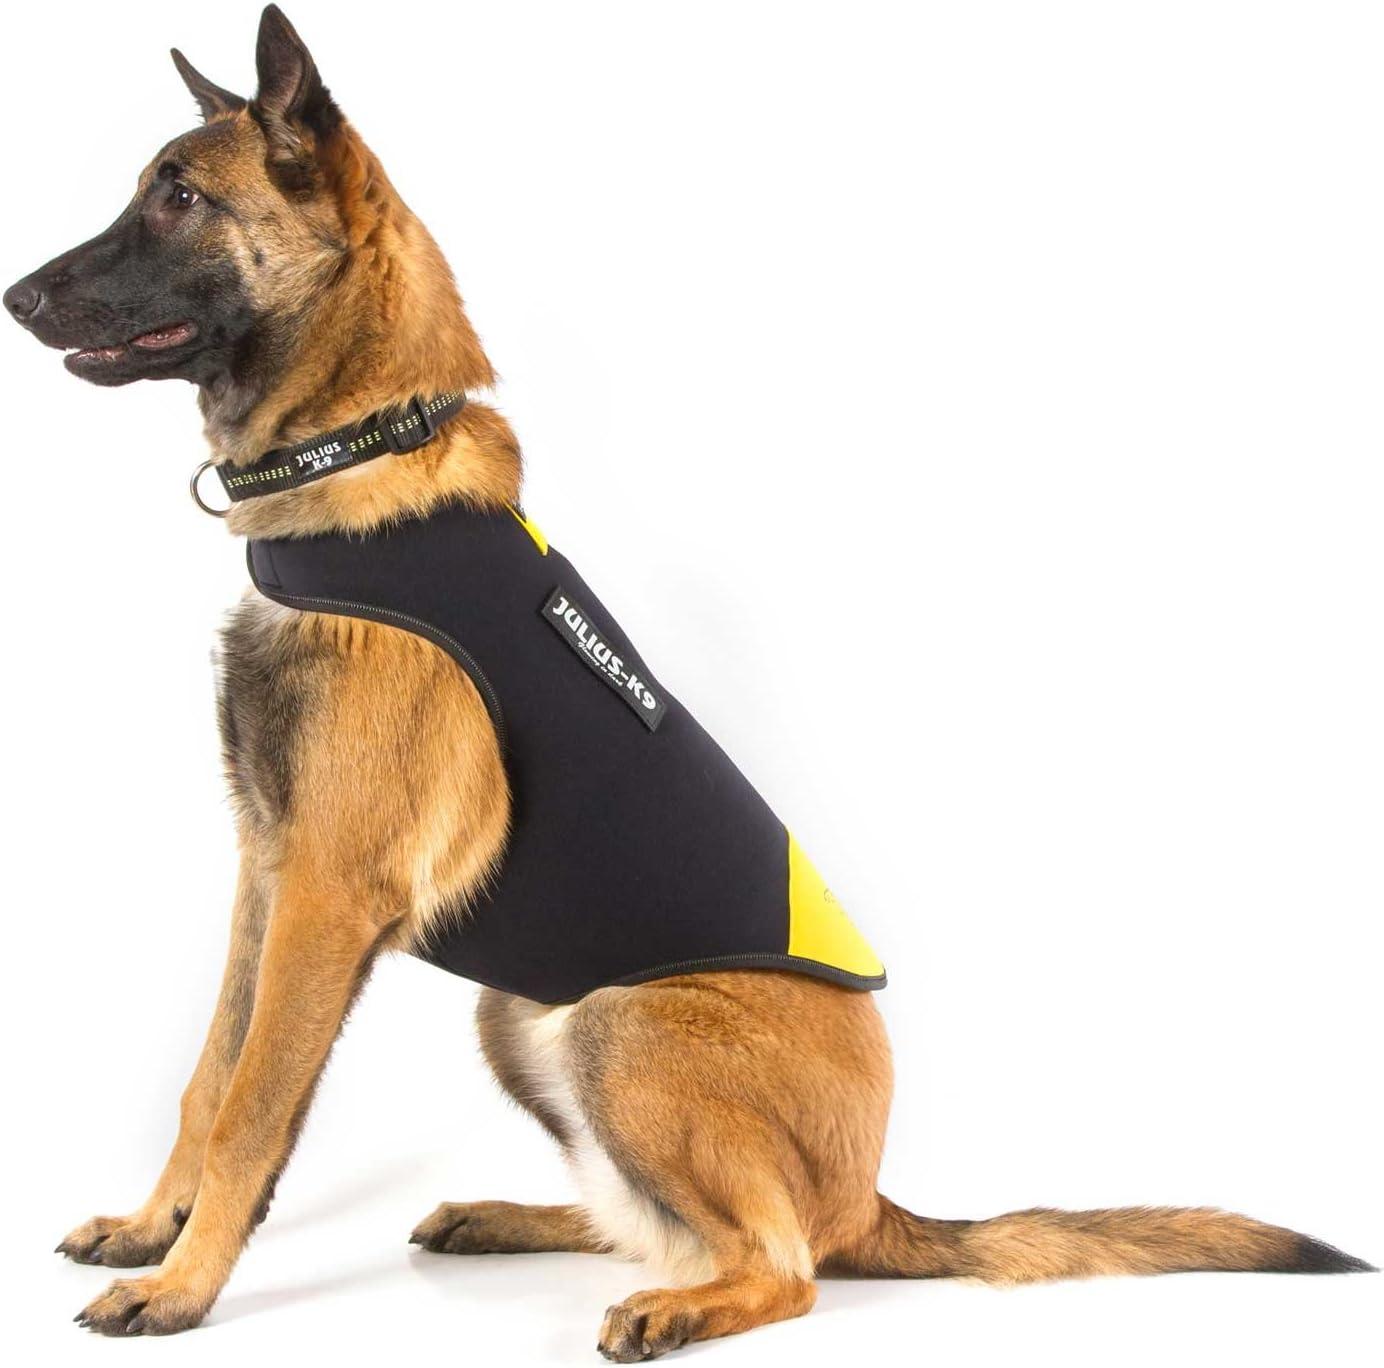 Julius-K9, Chaqueta de neopreno para perro IDC, Talla: L, Negro y ...